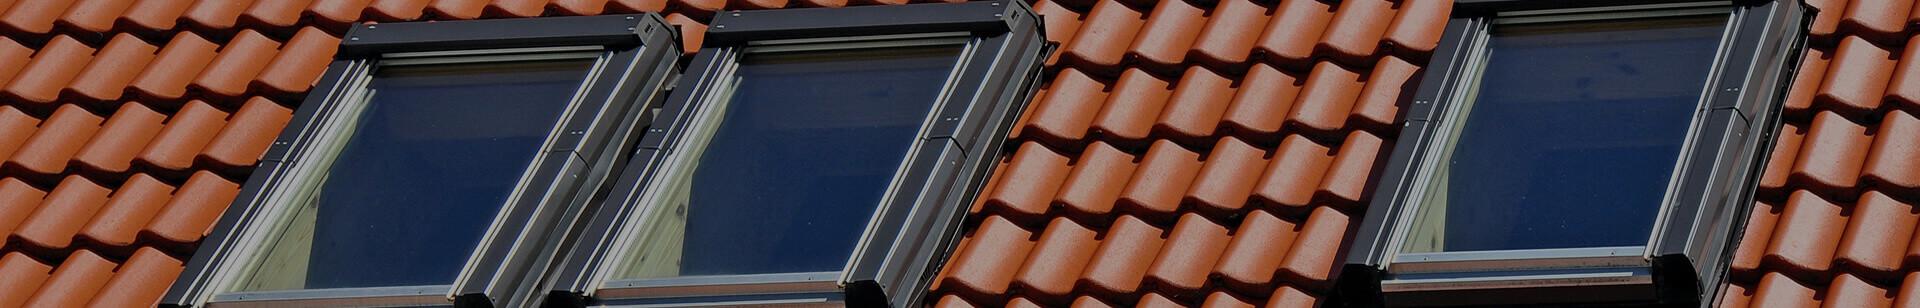 Dachfenster reinigen in 5 schritten - Dachfenster wasser innen ...